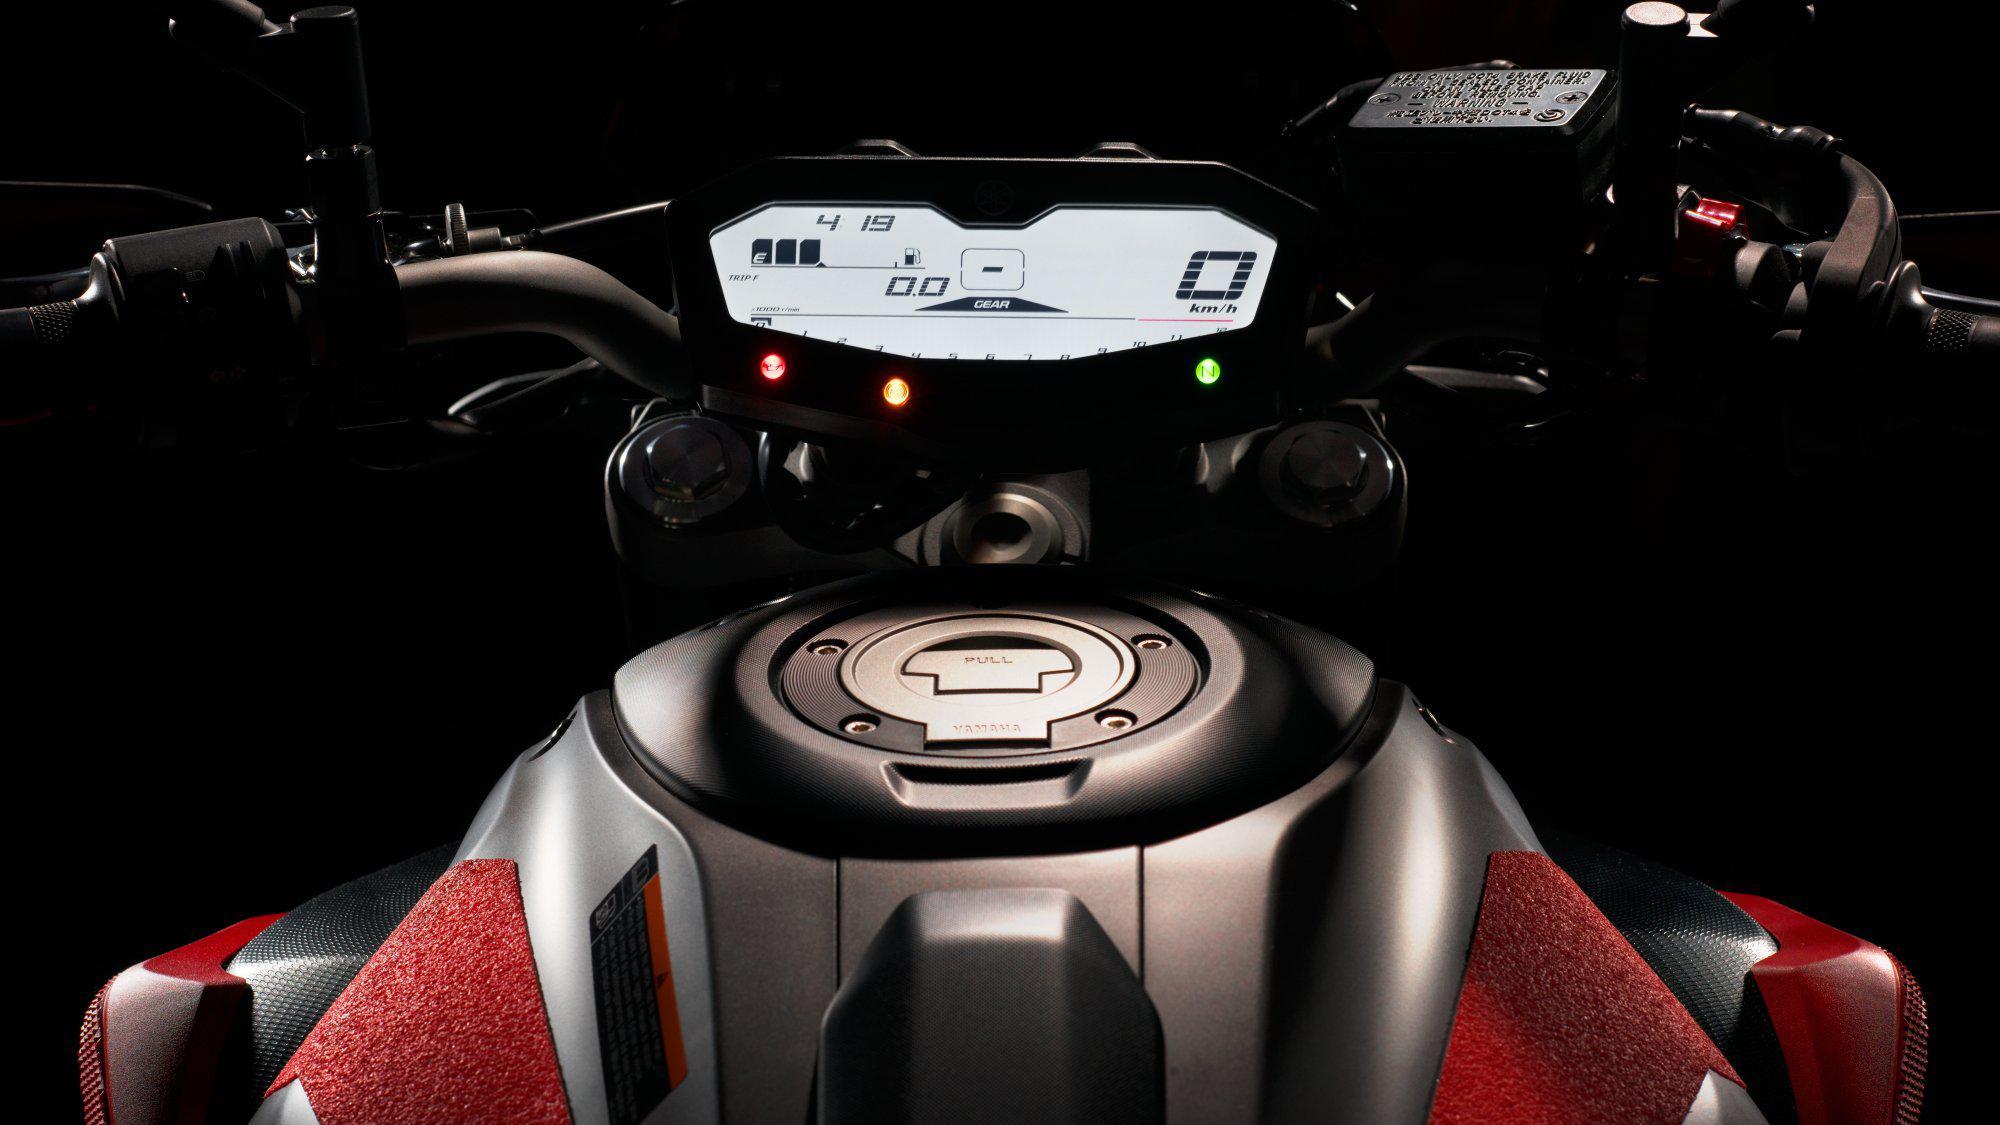 Тест-драйв мотоцикла Yamaha MT-07